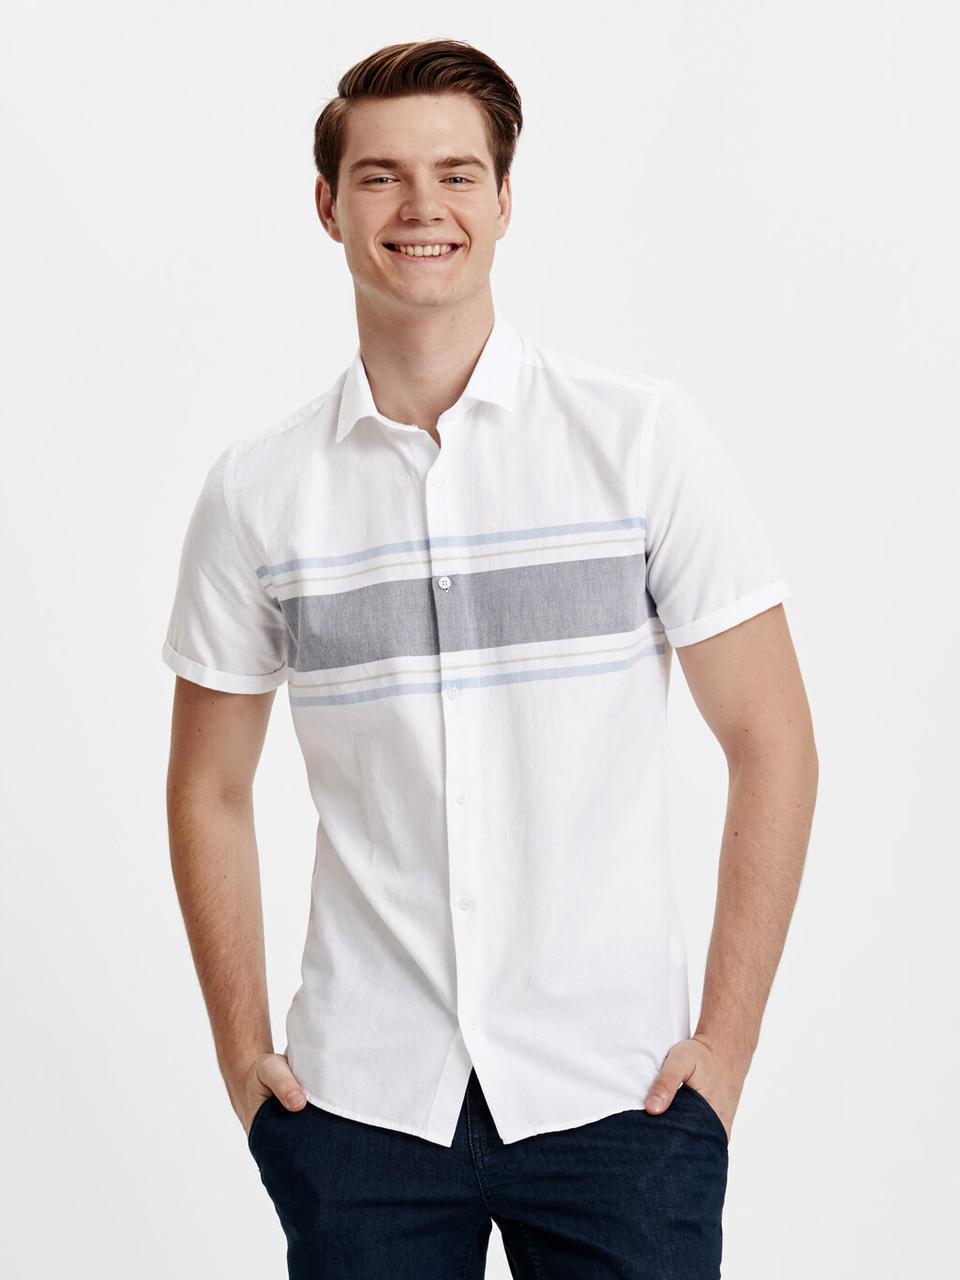 Белая мужская рубашка LC Waikiki / ЛС Вайкики с серой полосой на груди